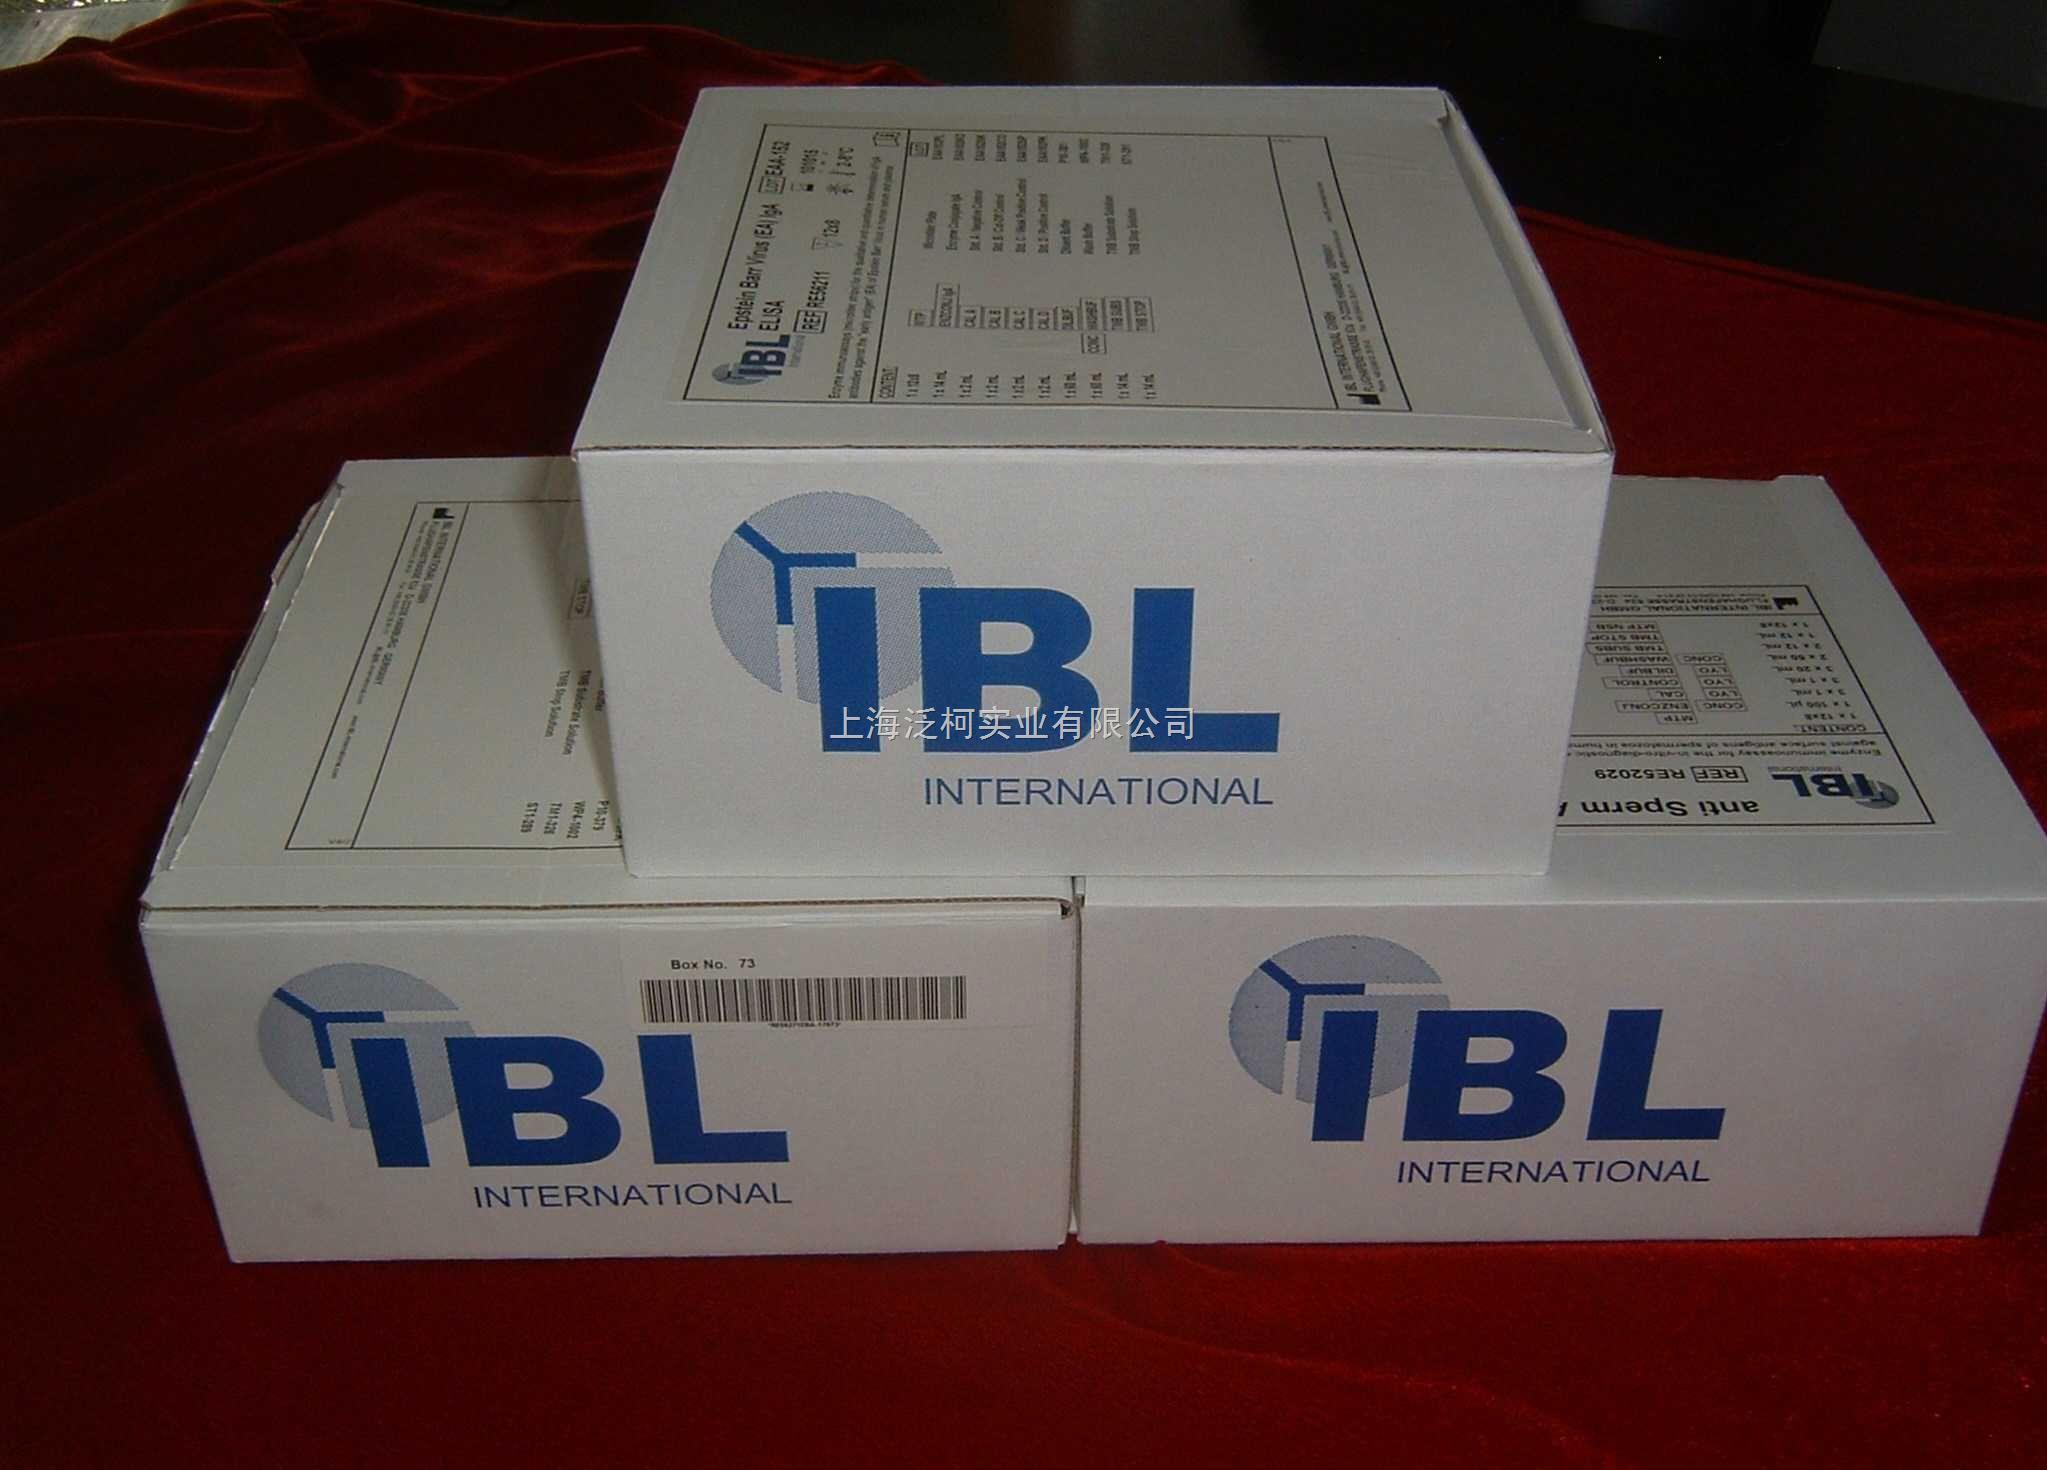 【产品名称】:大鼠胰岛素受体βELISA试剂盒 【检测种属】:大鼠等动植物。 【产品用途】:被测样品定性或定量分析 【产品规格】:96T/48T(两种规格) 【检测方法】:酶免法/酶联免疫法(ELISA) 【保存条件】:2-8 【供 货 期】:1-3天(现货供应) 【产品性状】:液体盒装 【服务优势】:全程提供ELISA实验技术指导和ELISA试剂盒免费代测 【样本储存】:收集标本前必须清楚要检测的成份是否足够稳定。对收集后当天进行检测的标本,储存在4备用,如有特殊原因需要周期收集标本,将标本